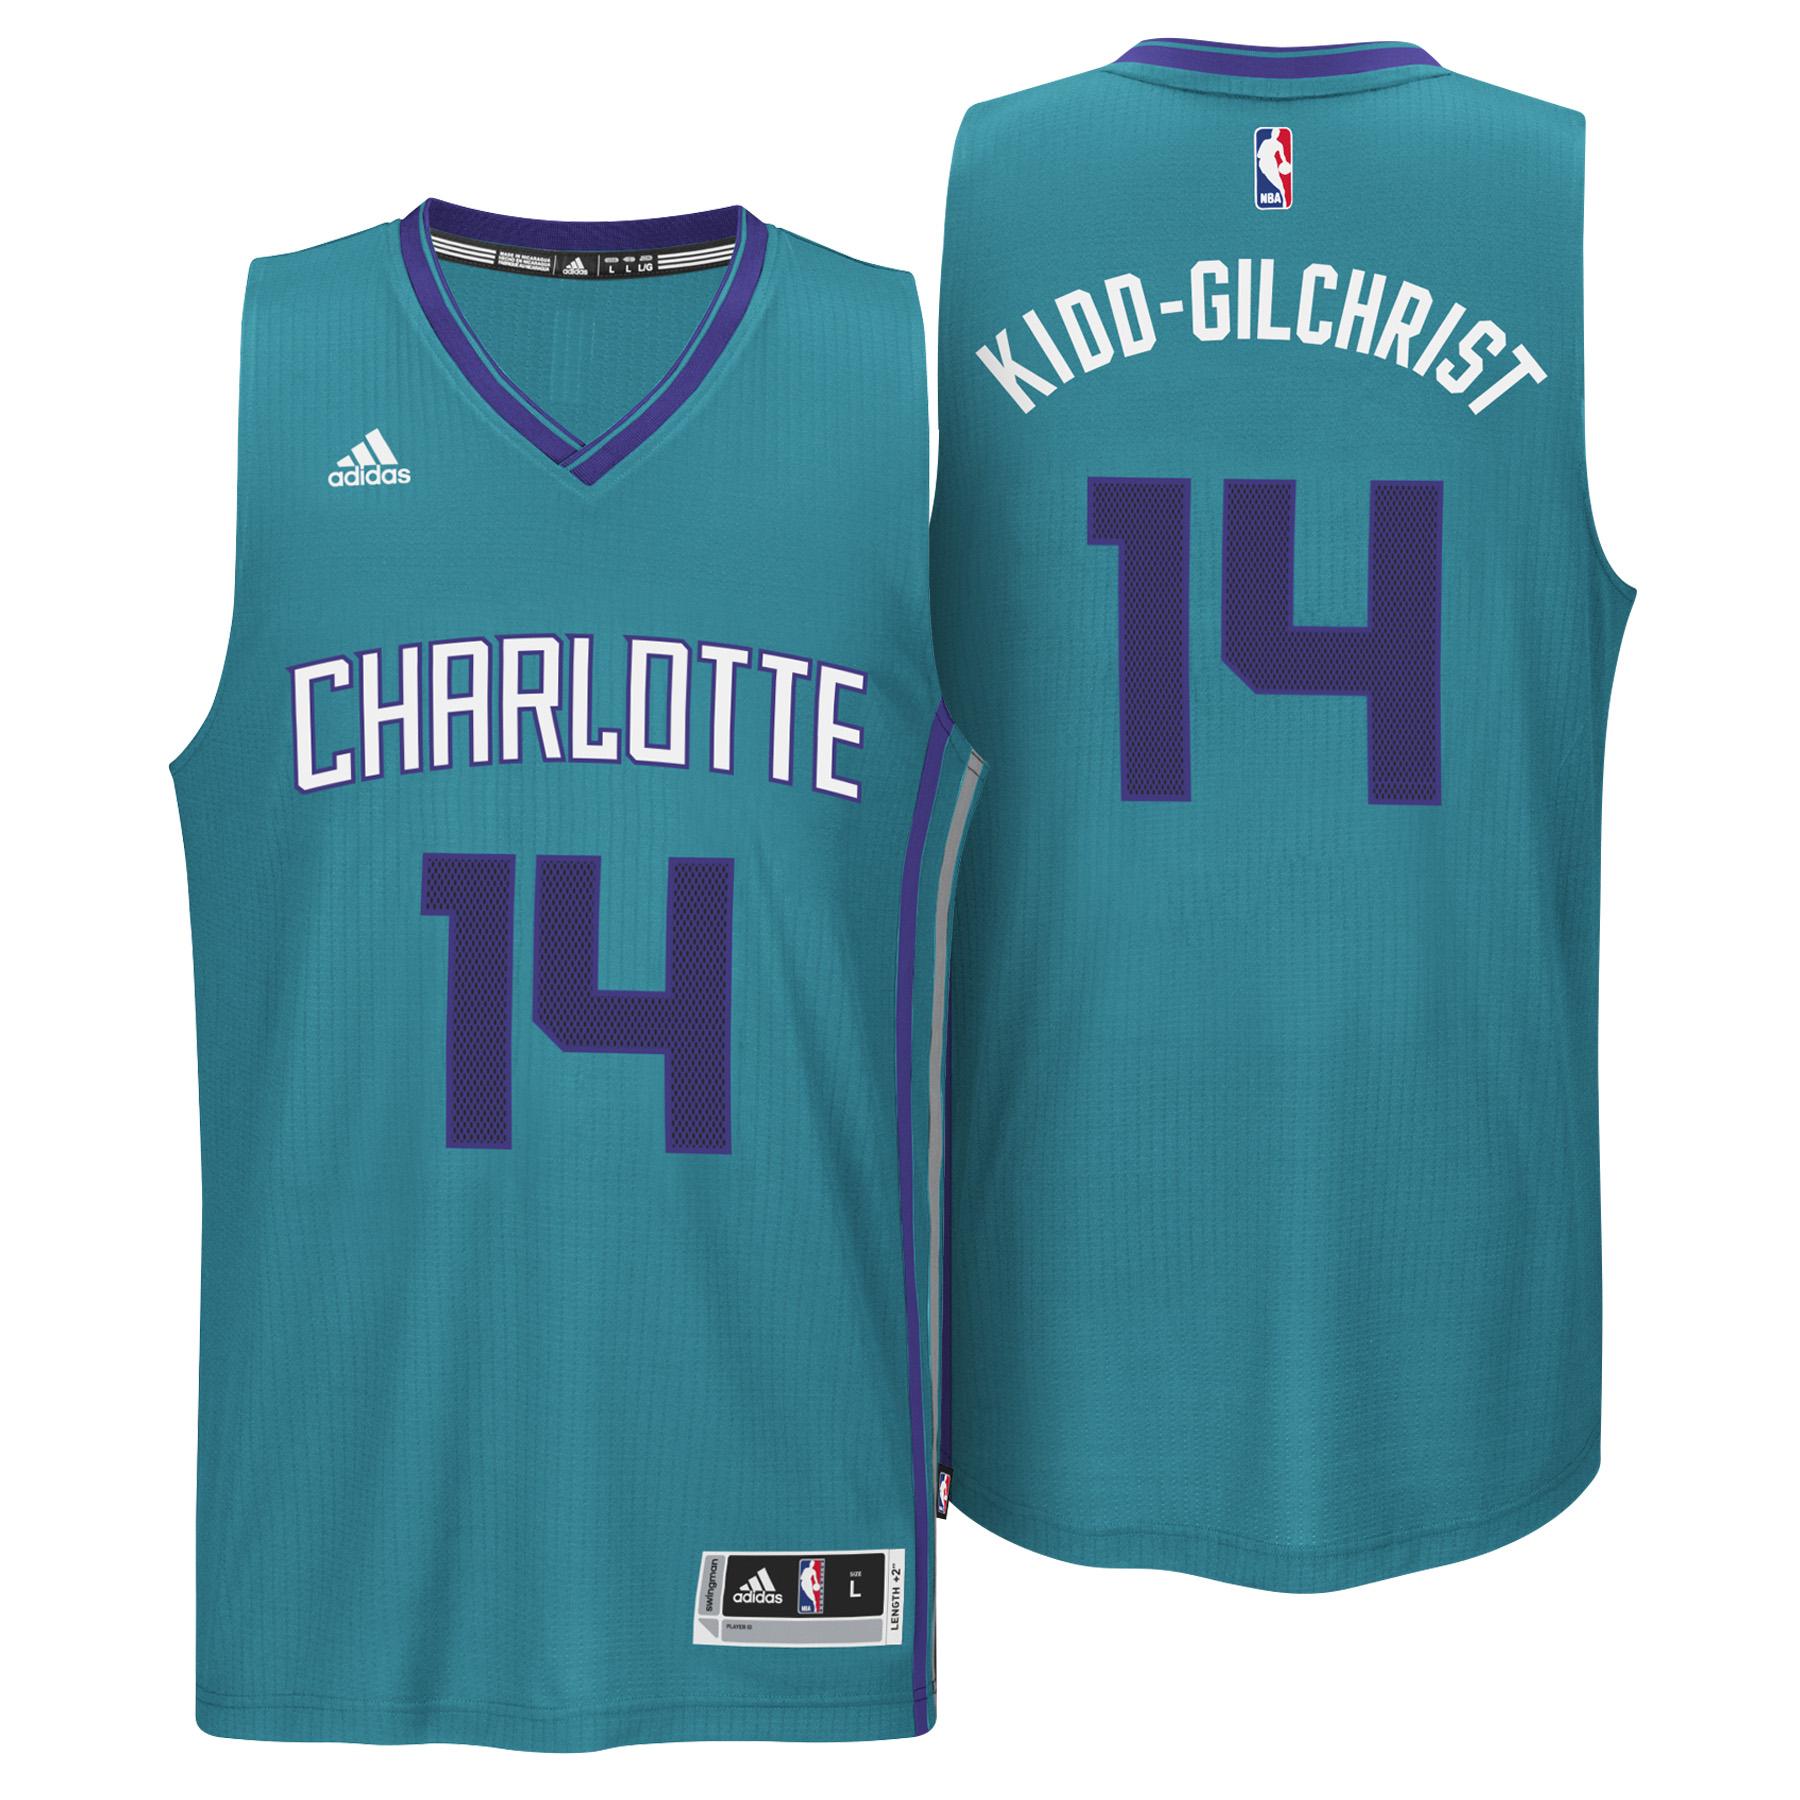 Charlotte Hornets Alternate Swingman Jersey - Michael Kidd-Gilchrist - Mens